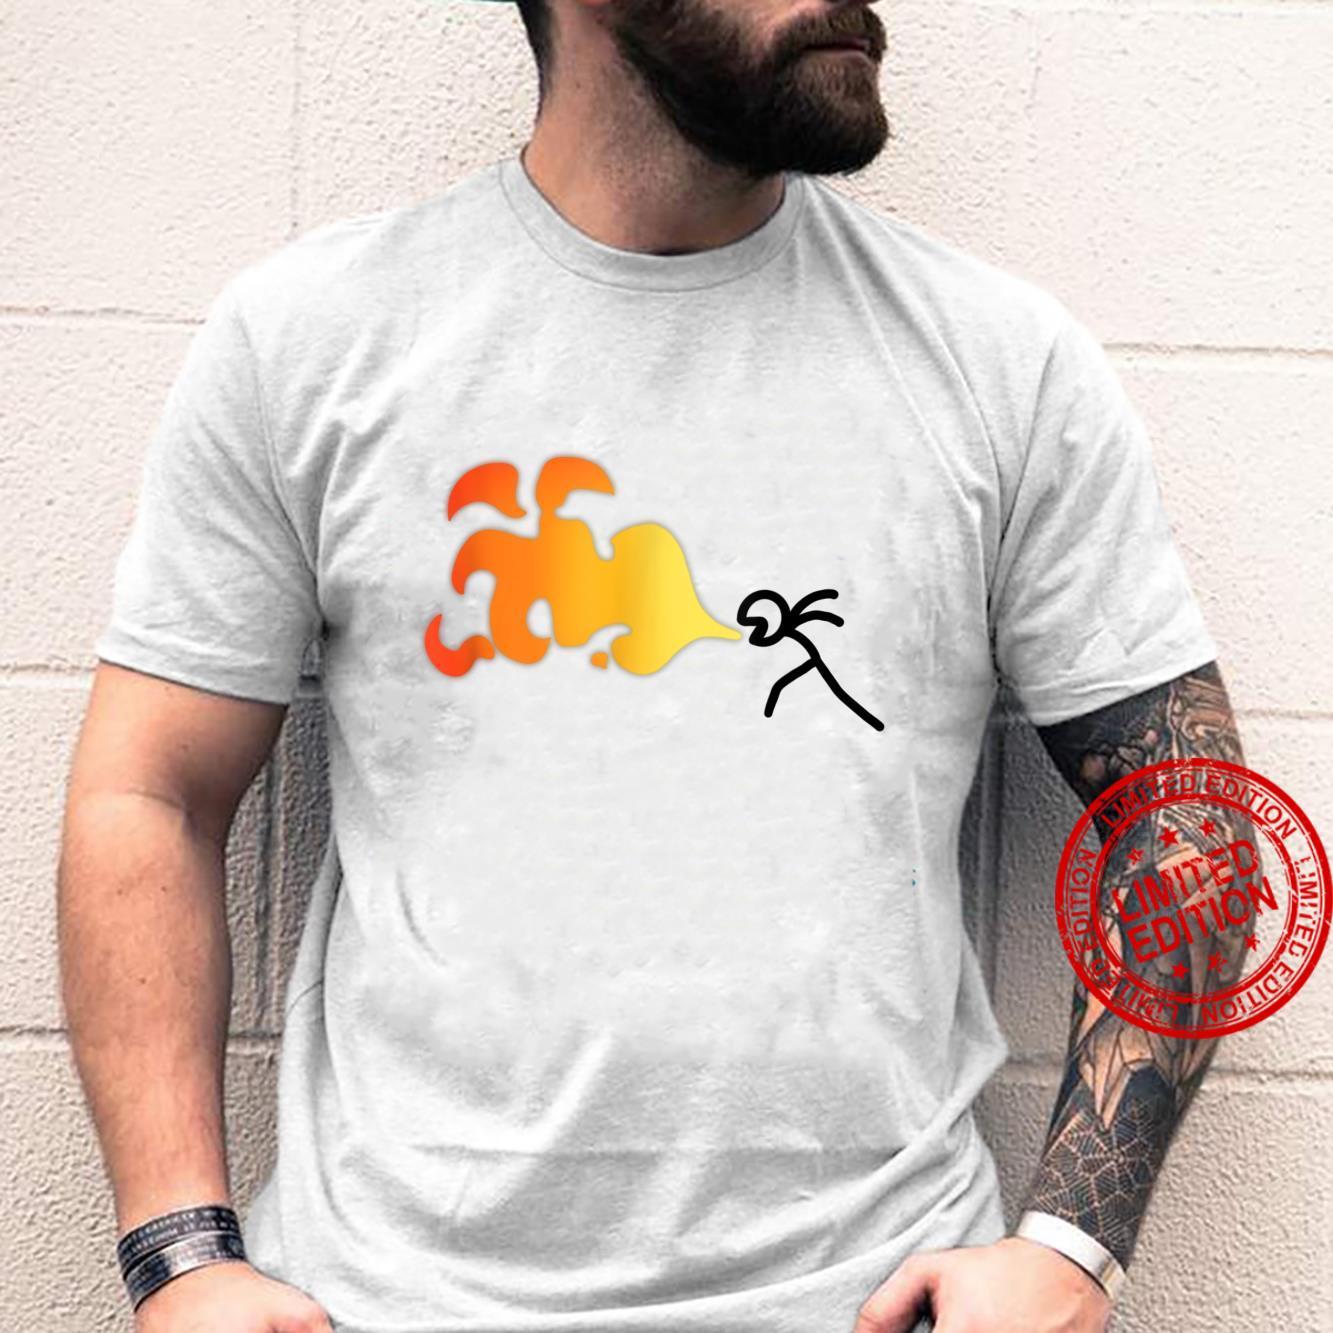 Herren Design Strichmännchen Animation Shirt